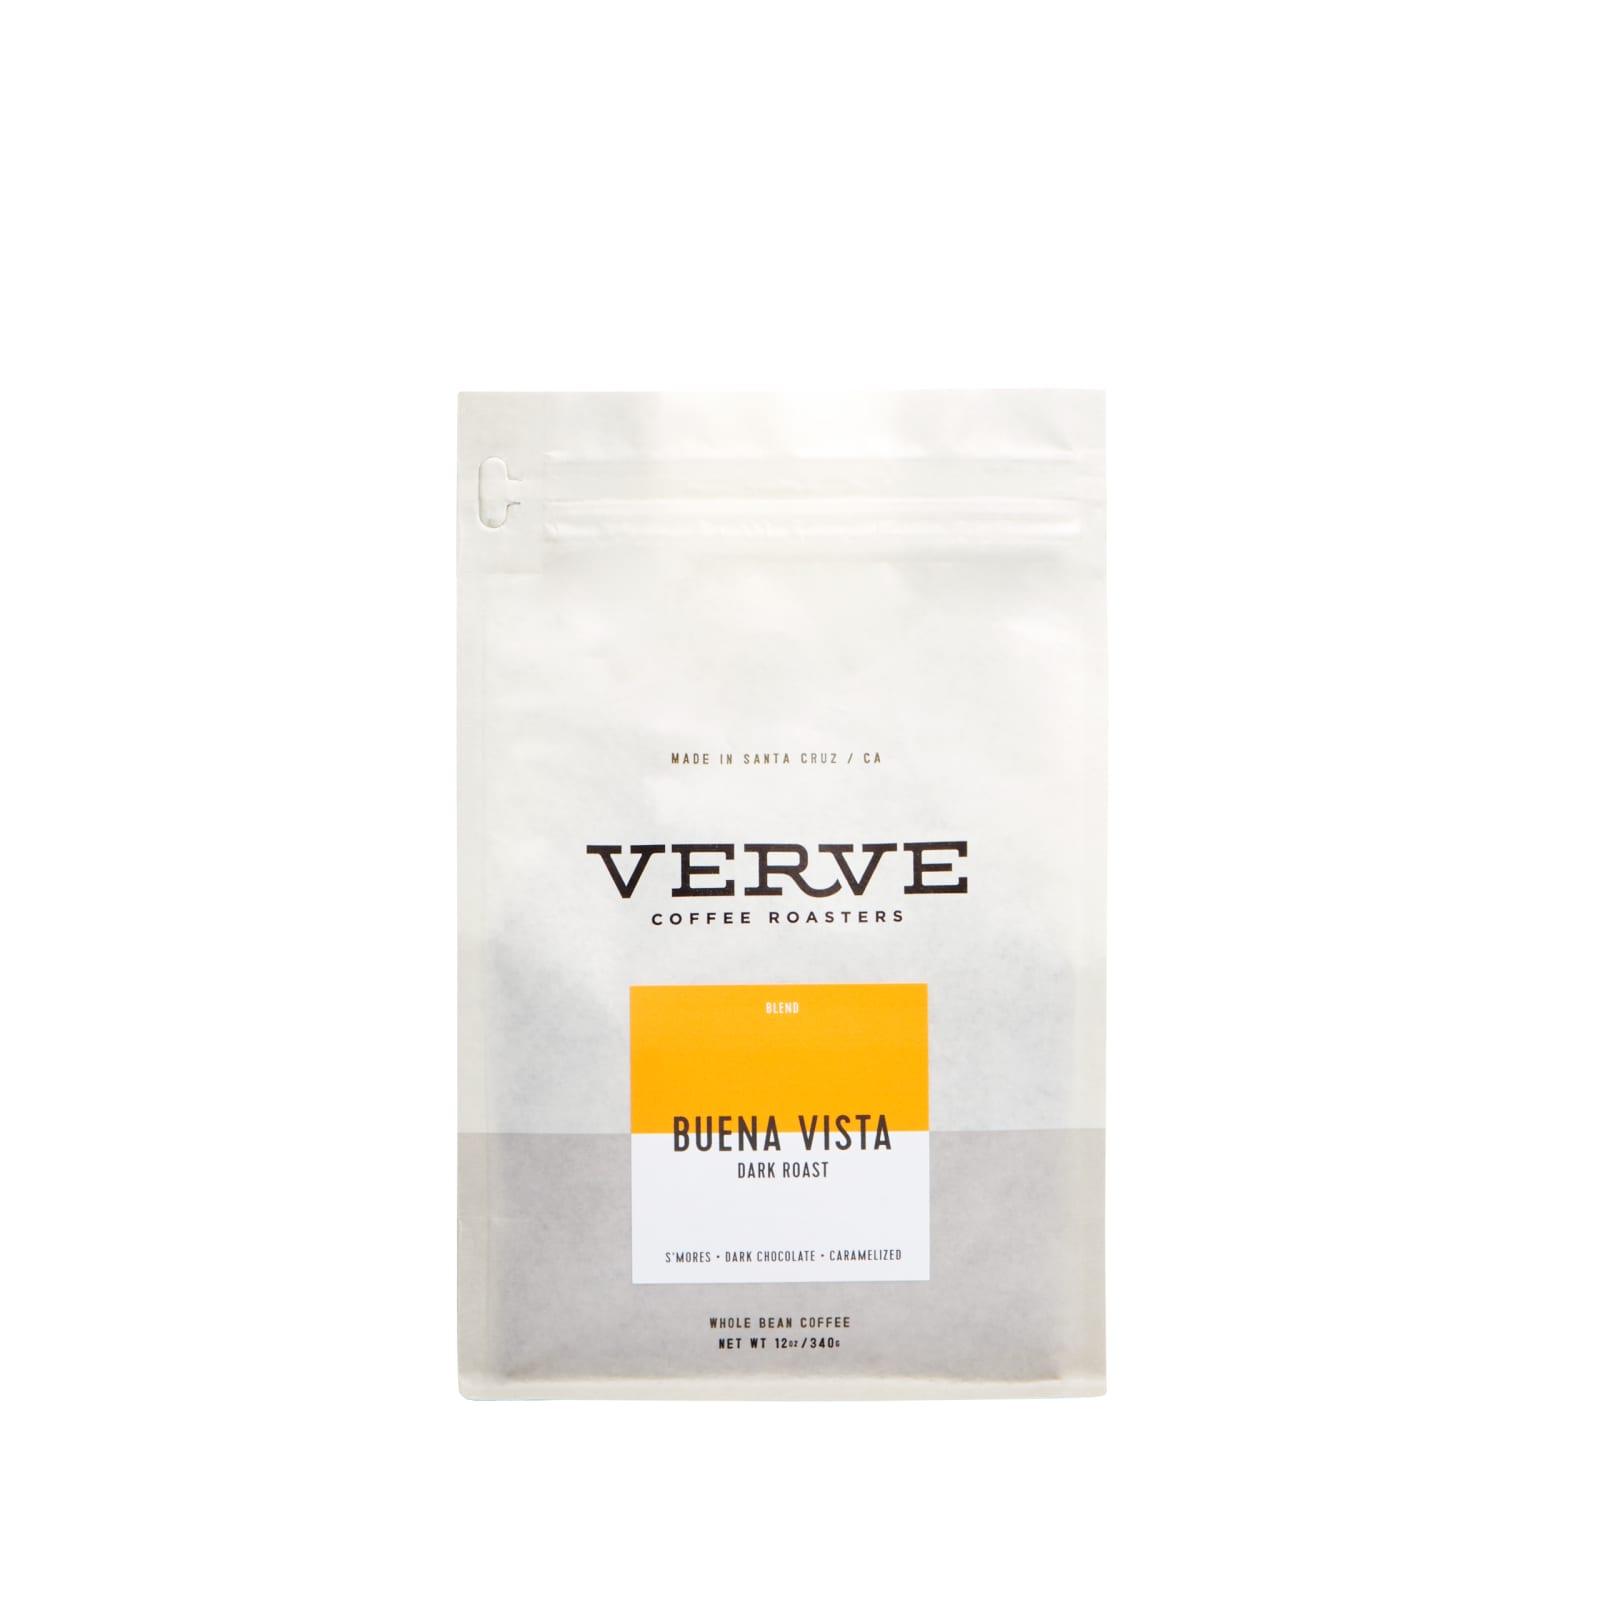 Buena Vista - 5 lb bag